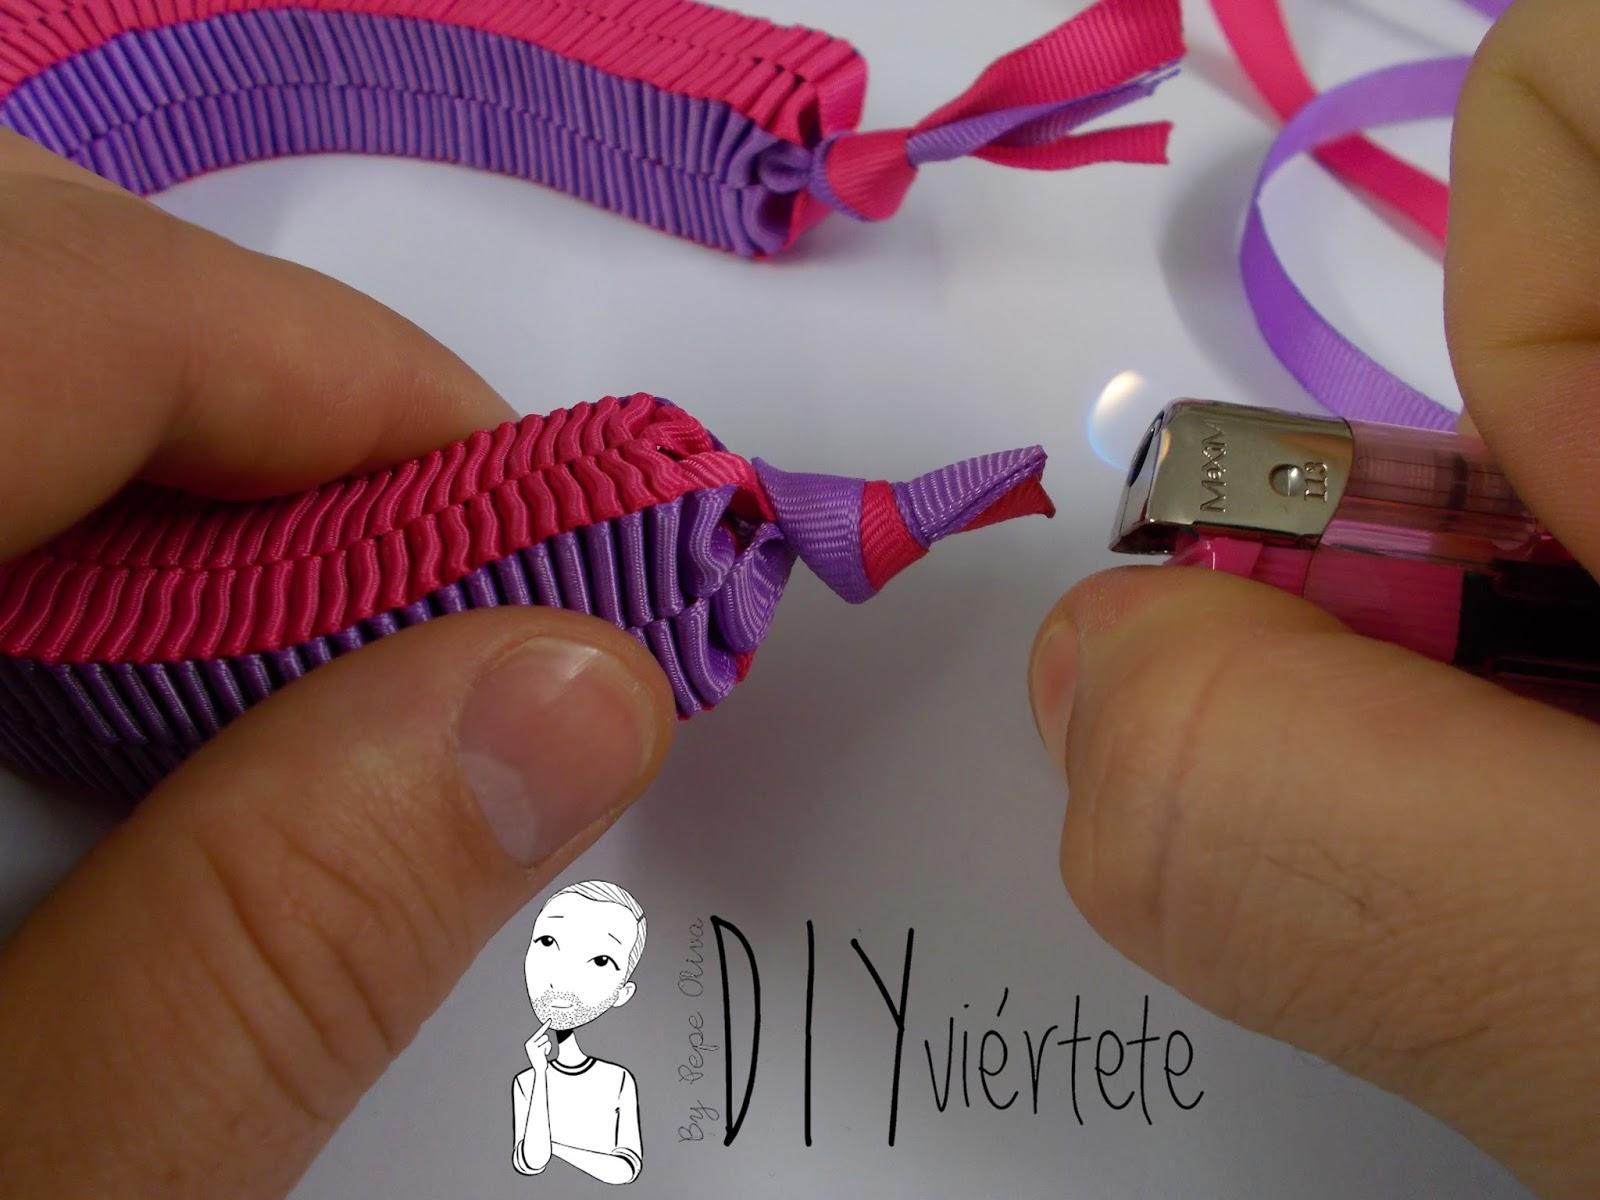 BLOGERSANDO-marzo-lila-collar-cinta raso-mujer trabajadora-color mujer-morado-violeta-acordeón-bisutería-7